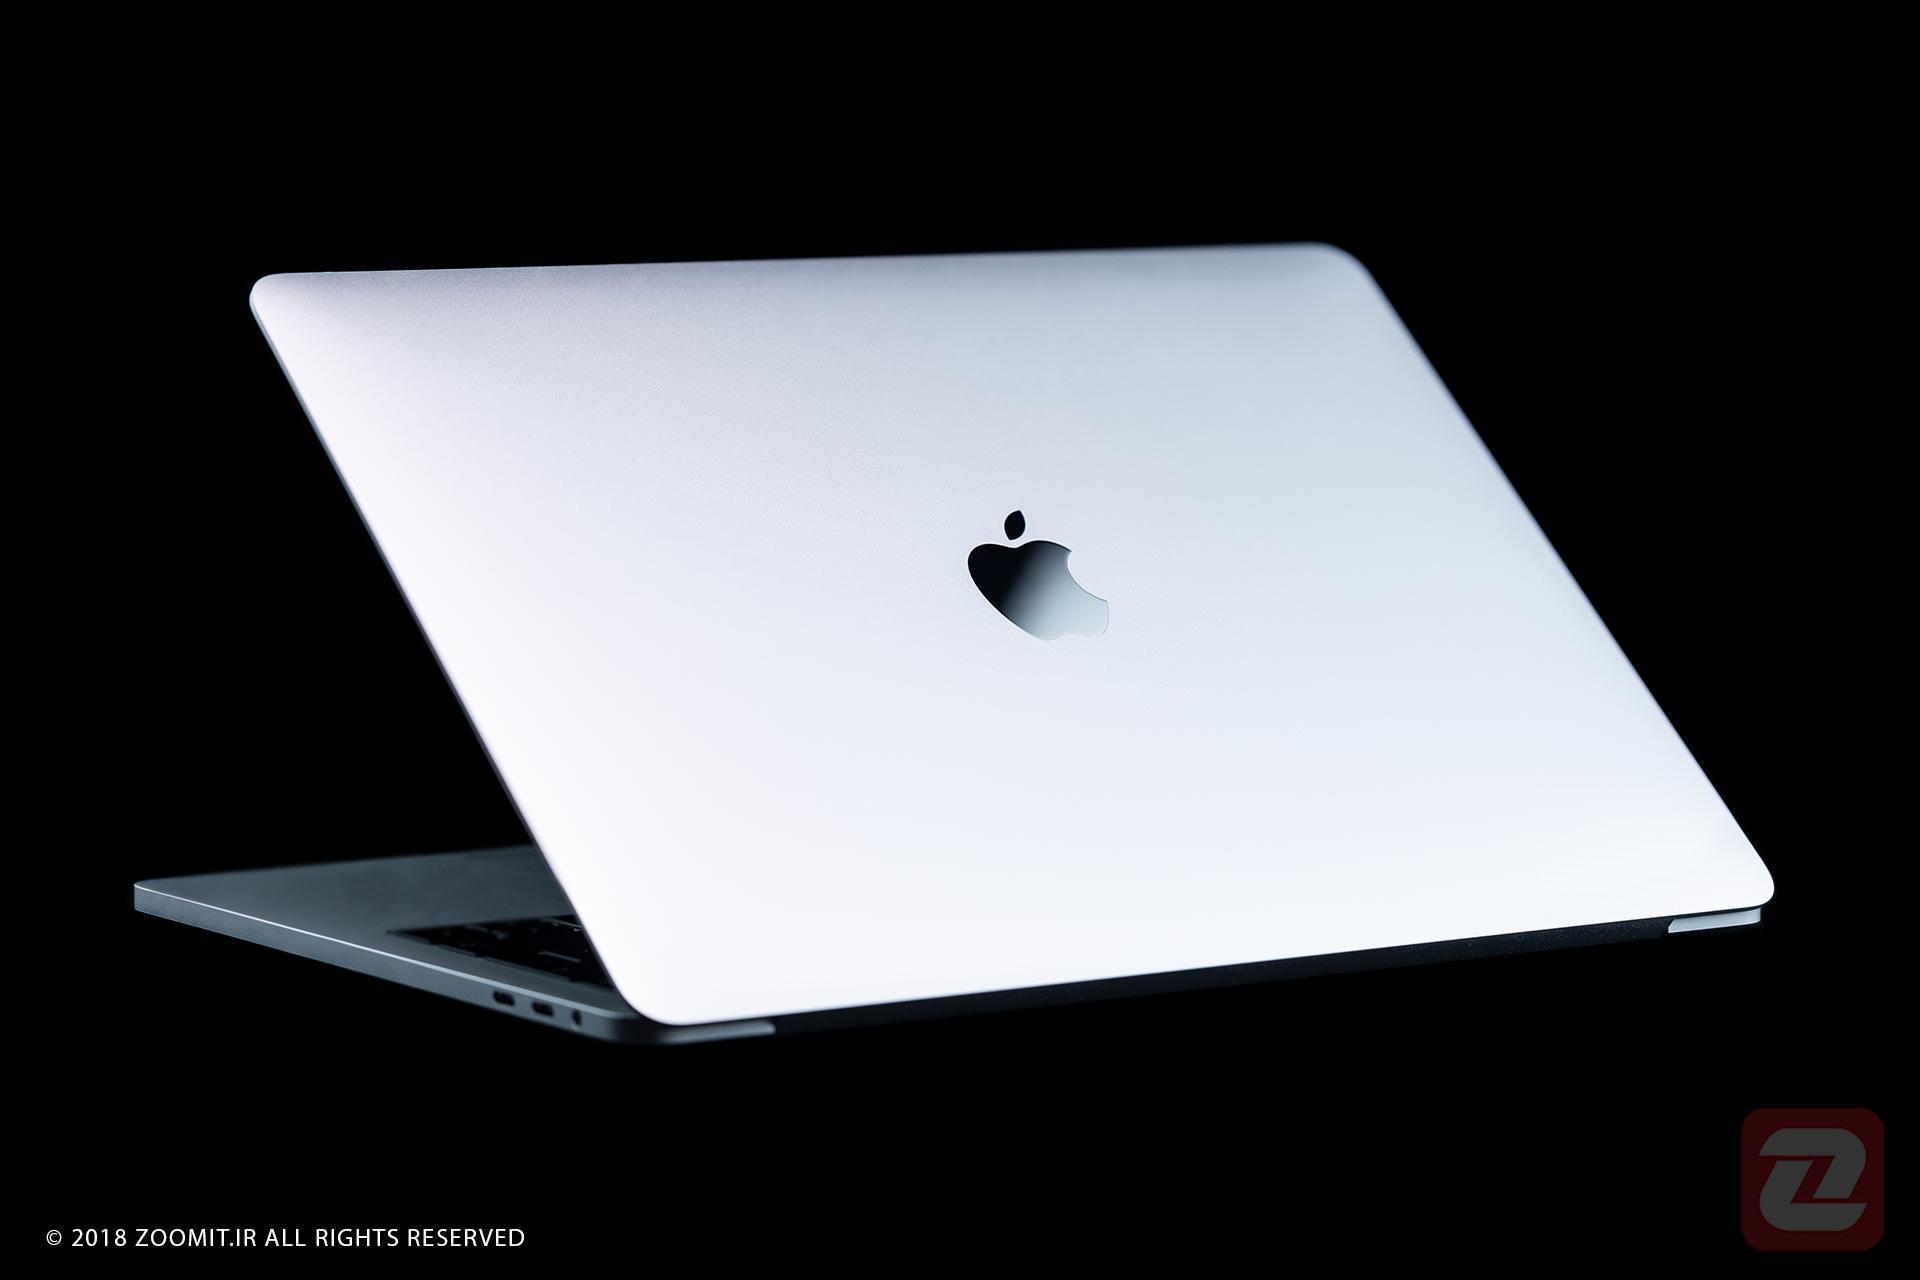 مک بوک پرو 16 اینچی و مانیتور 32 اینچی 6K اپل سال جاری میلادی معرفی میشوند